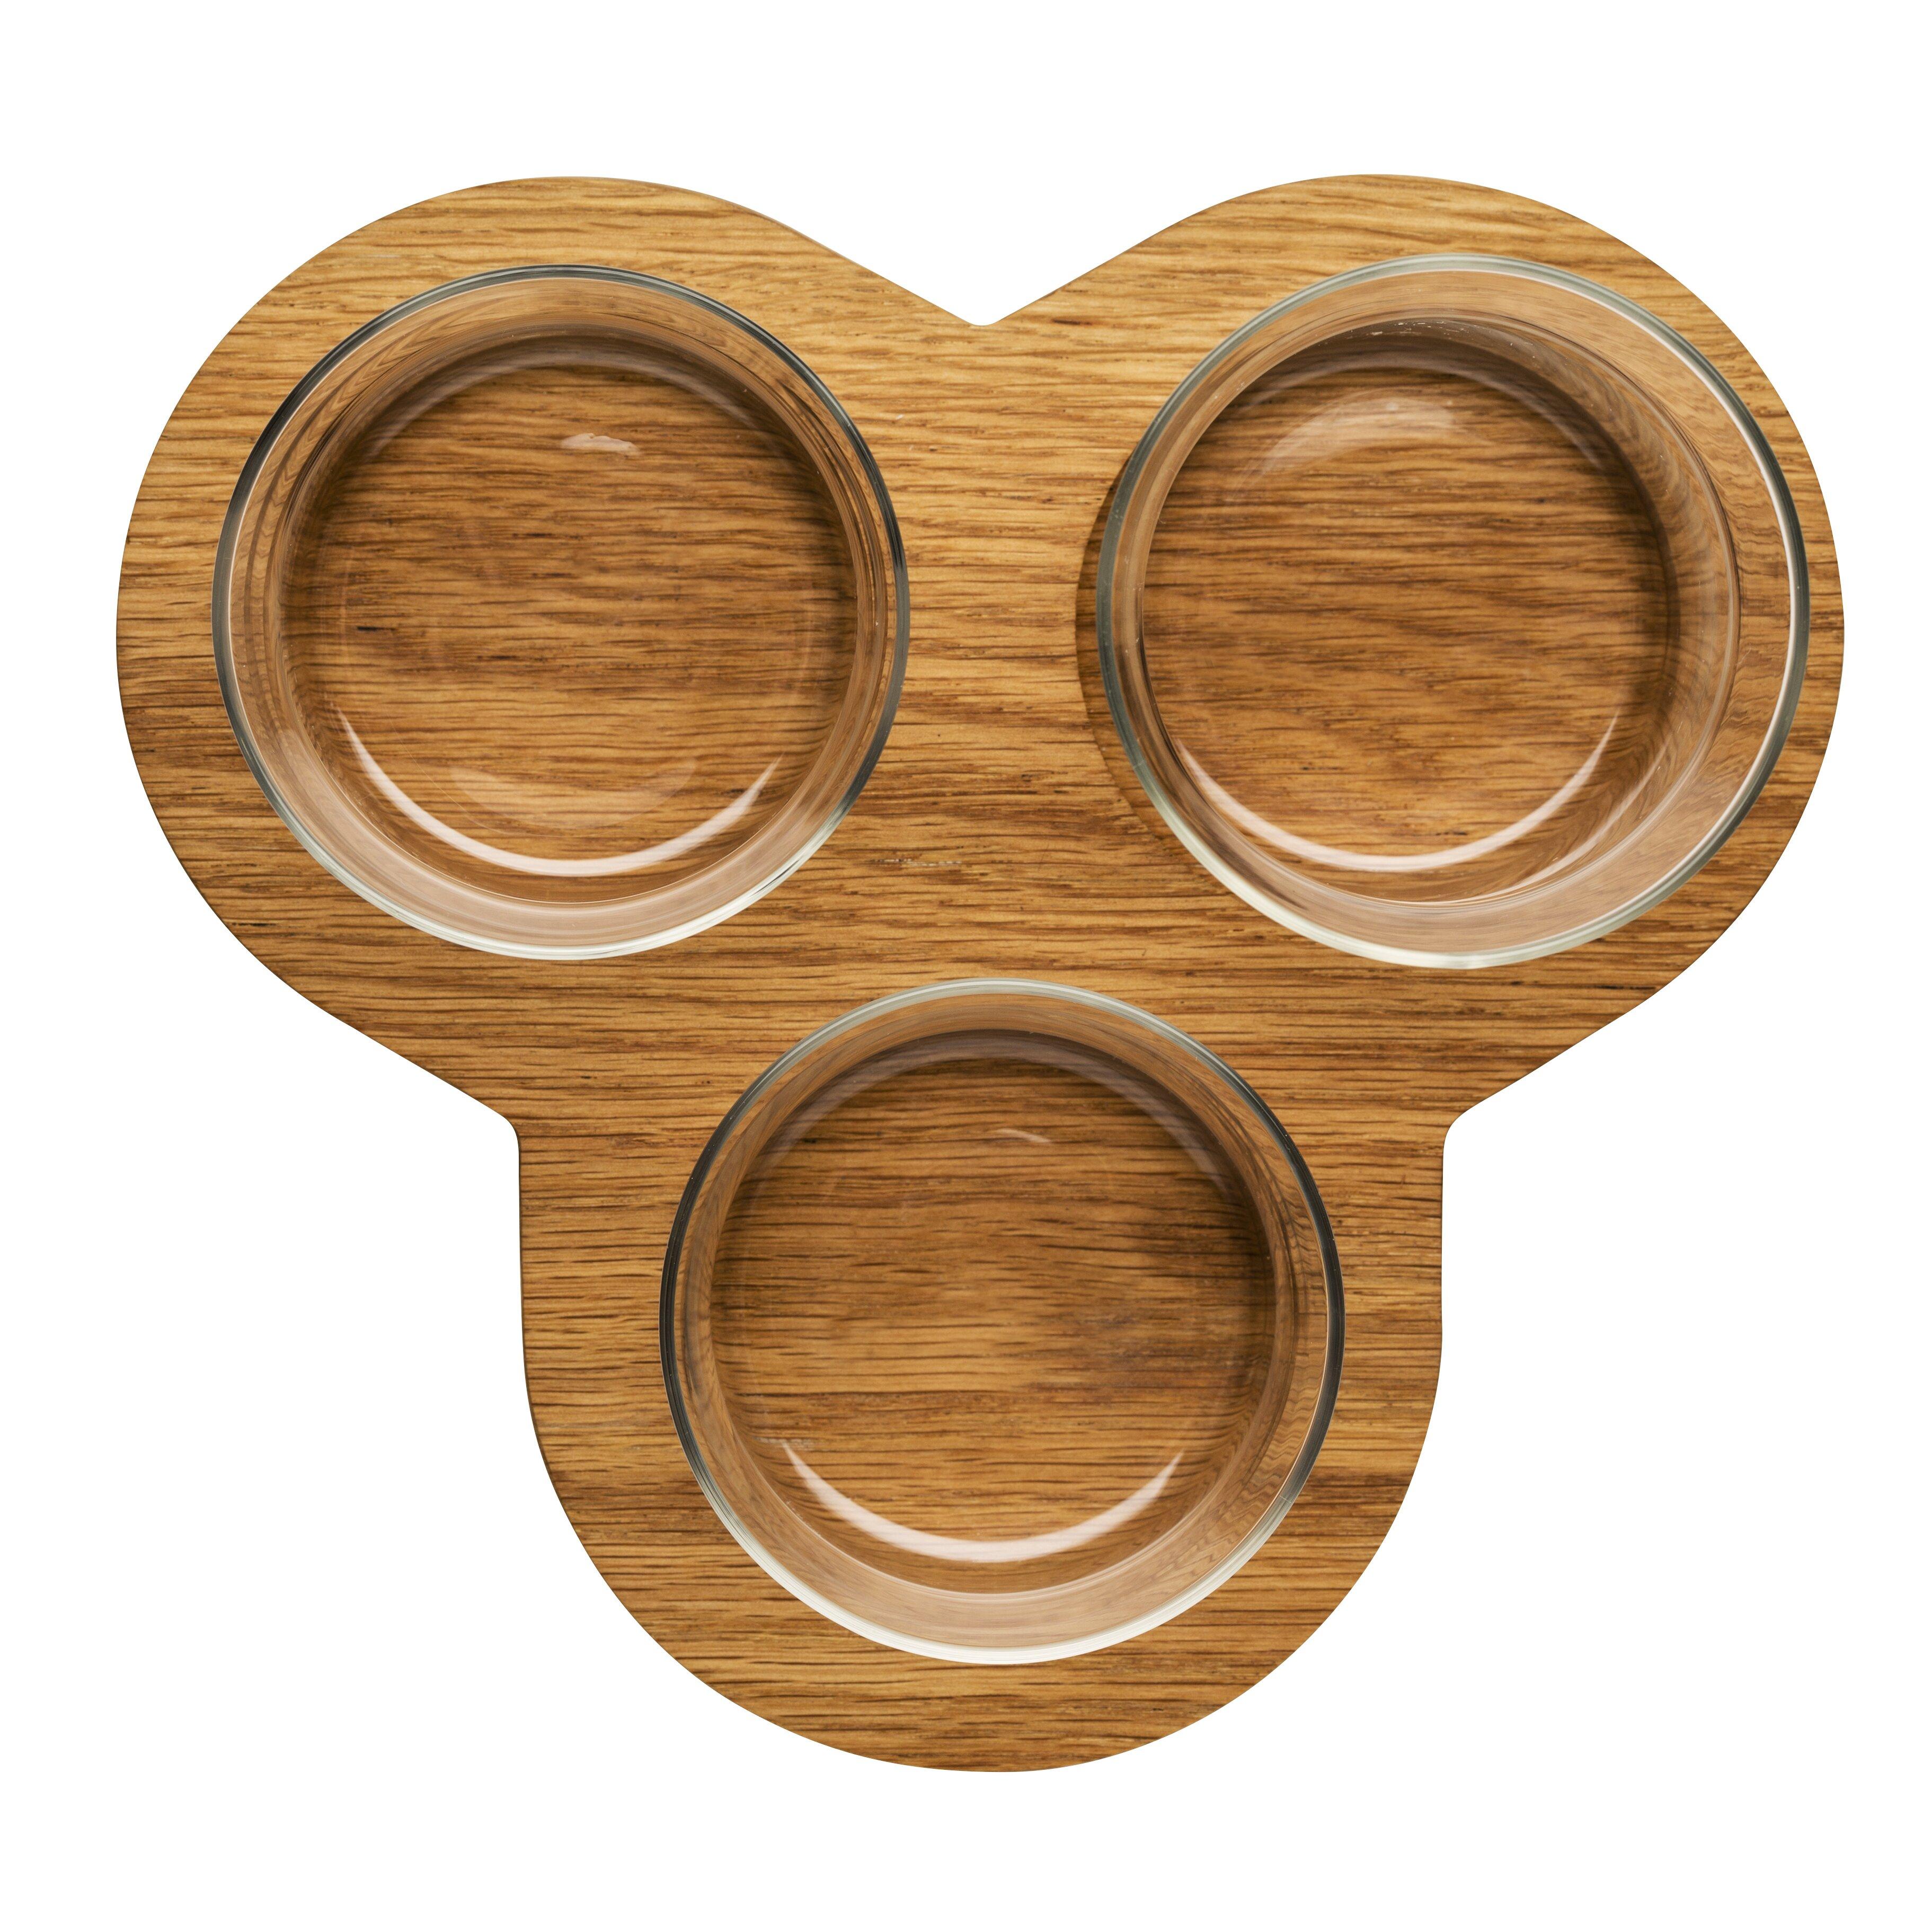 sagaform oval oak 4 piece serving set wayfair. Black Bedroom Furniture Sets. Home Design Ideas